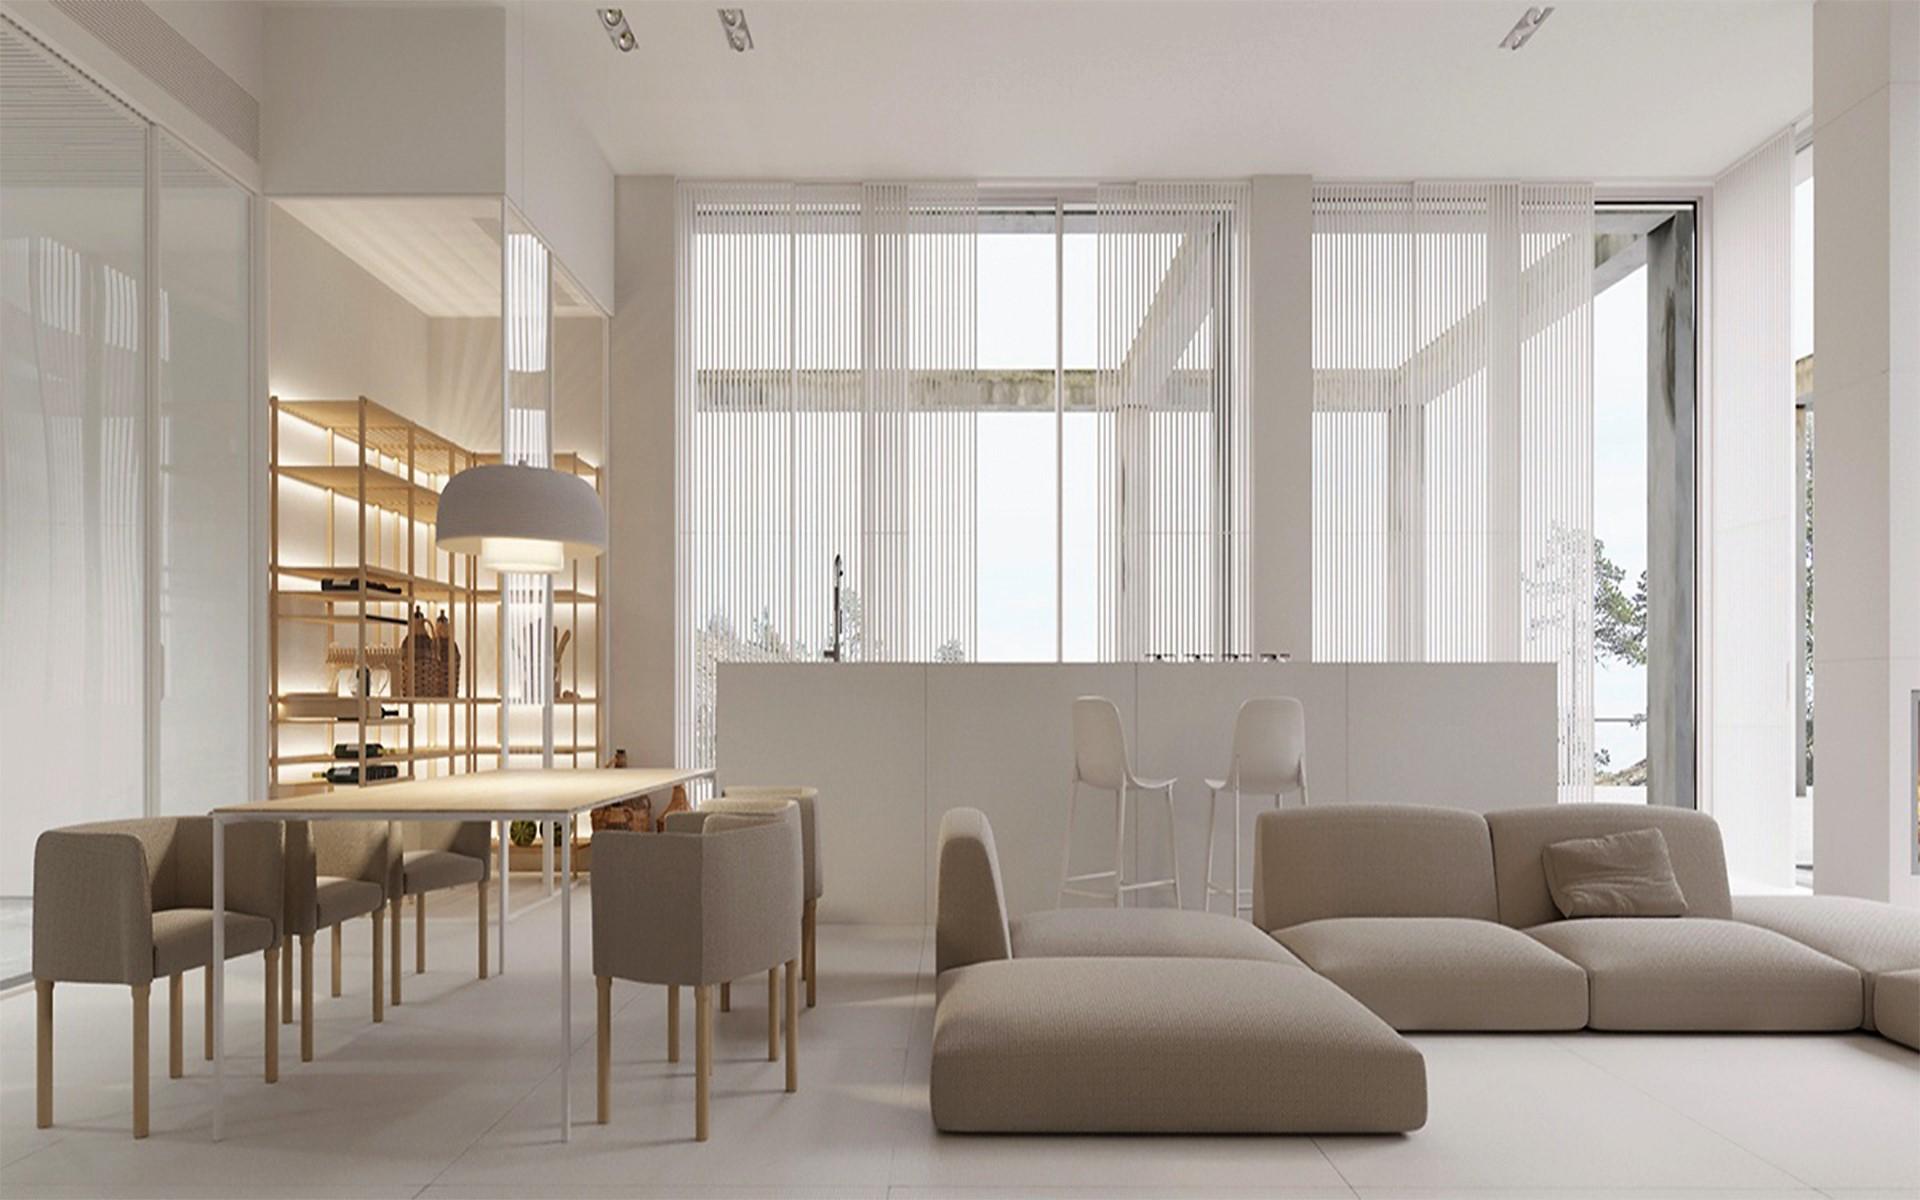 Minimalismo cen rio m veis a loja mais completa em for Ambientes minimalistas interiores